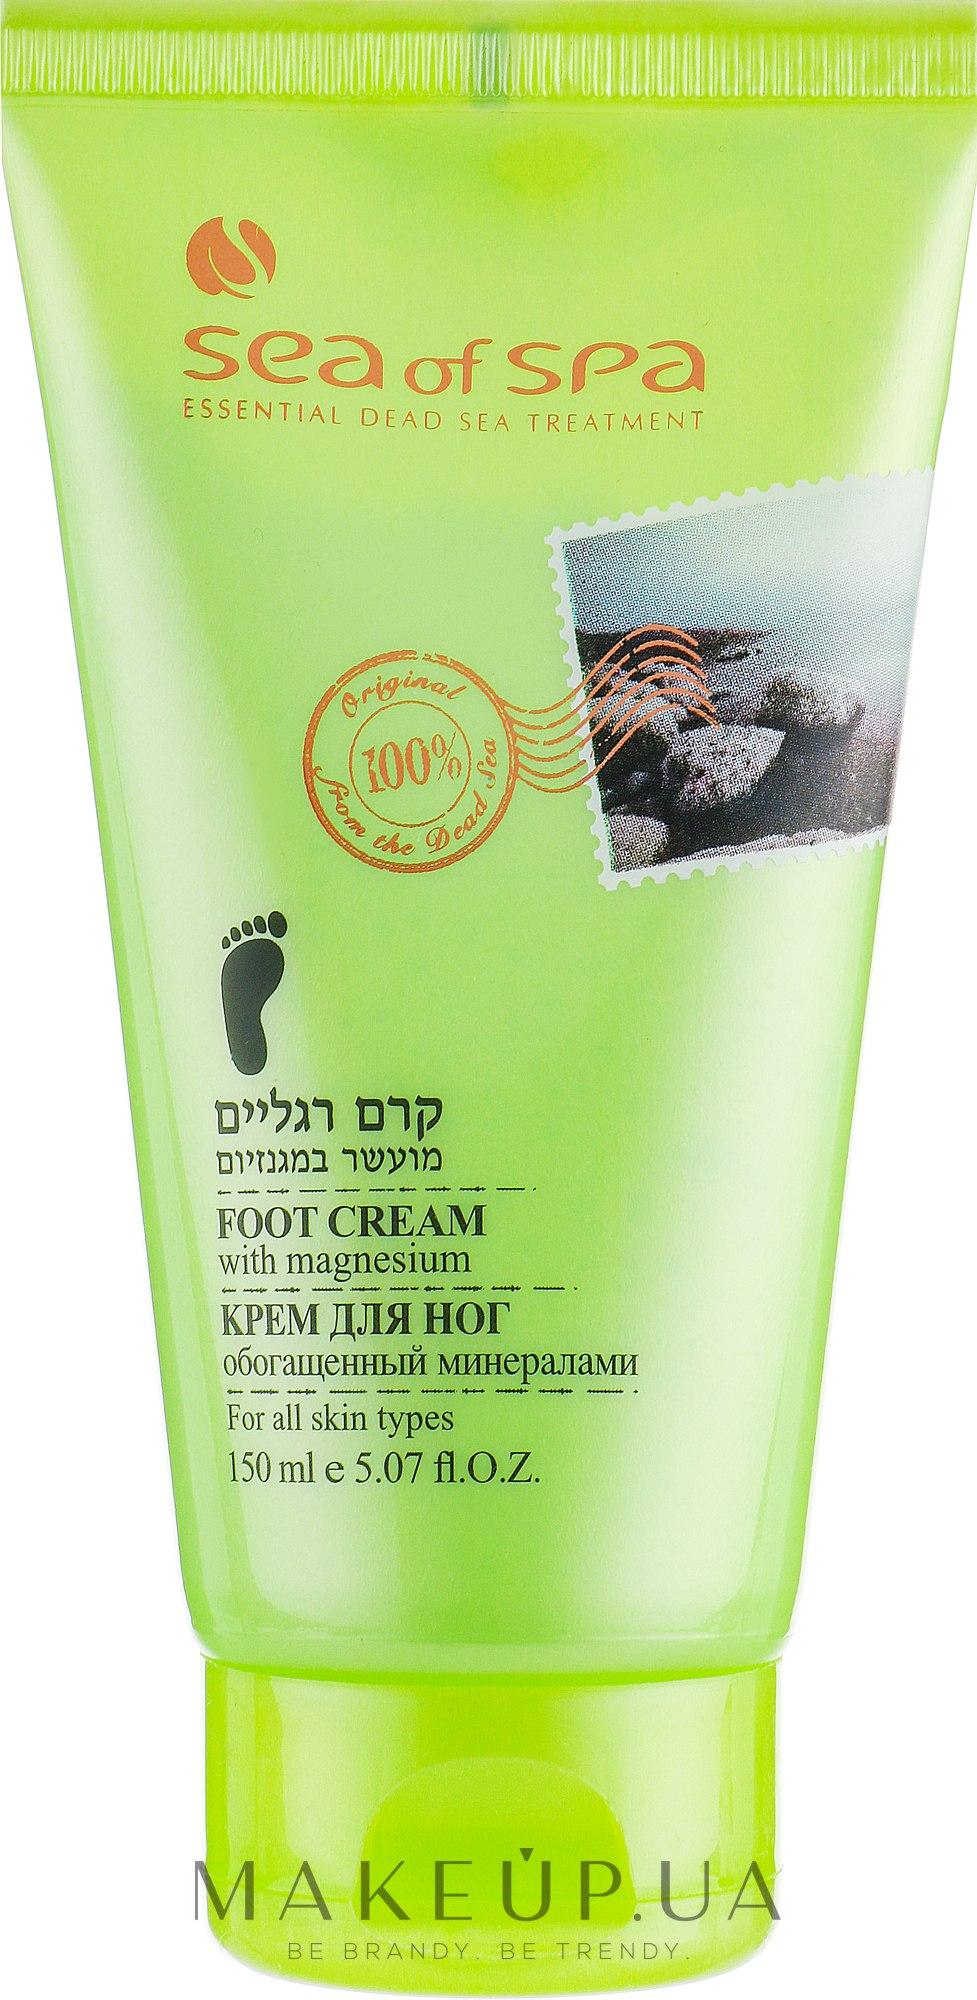 Лечебный крем для ног с магнезией - Sea of Spa Foot Cream With Magnesium  — фото 150ml